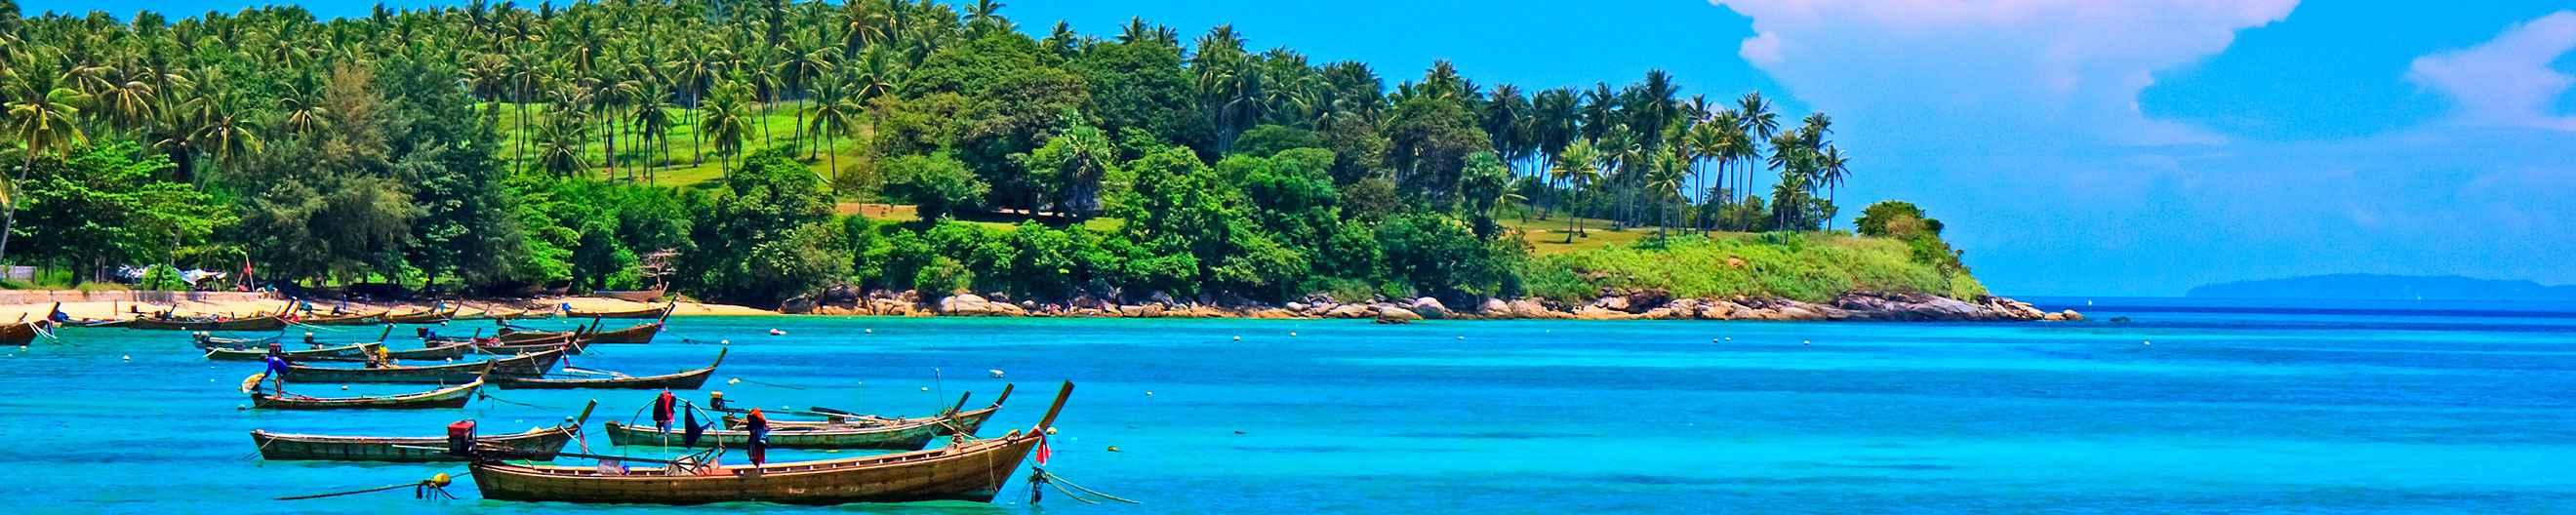 Phuket Accommodation: 2614 Hotels In Phuket - Wotif